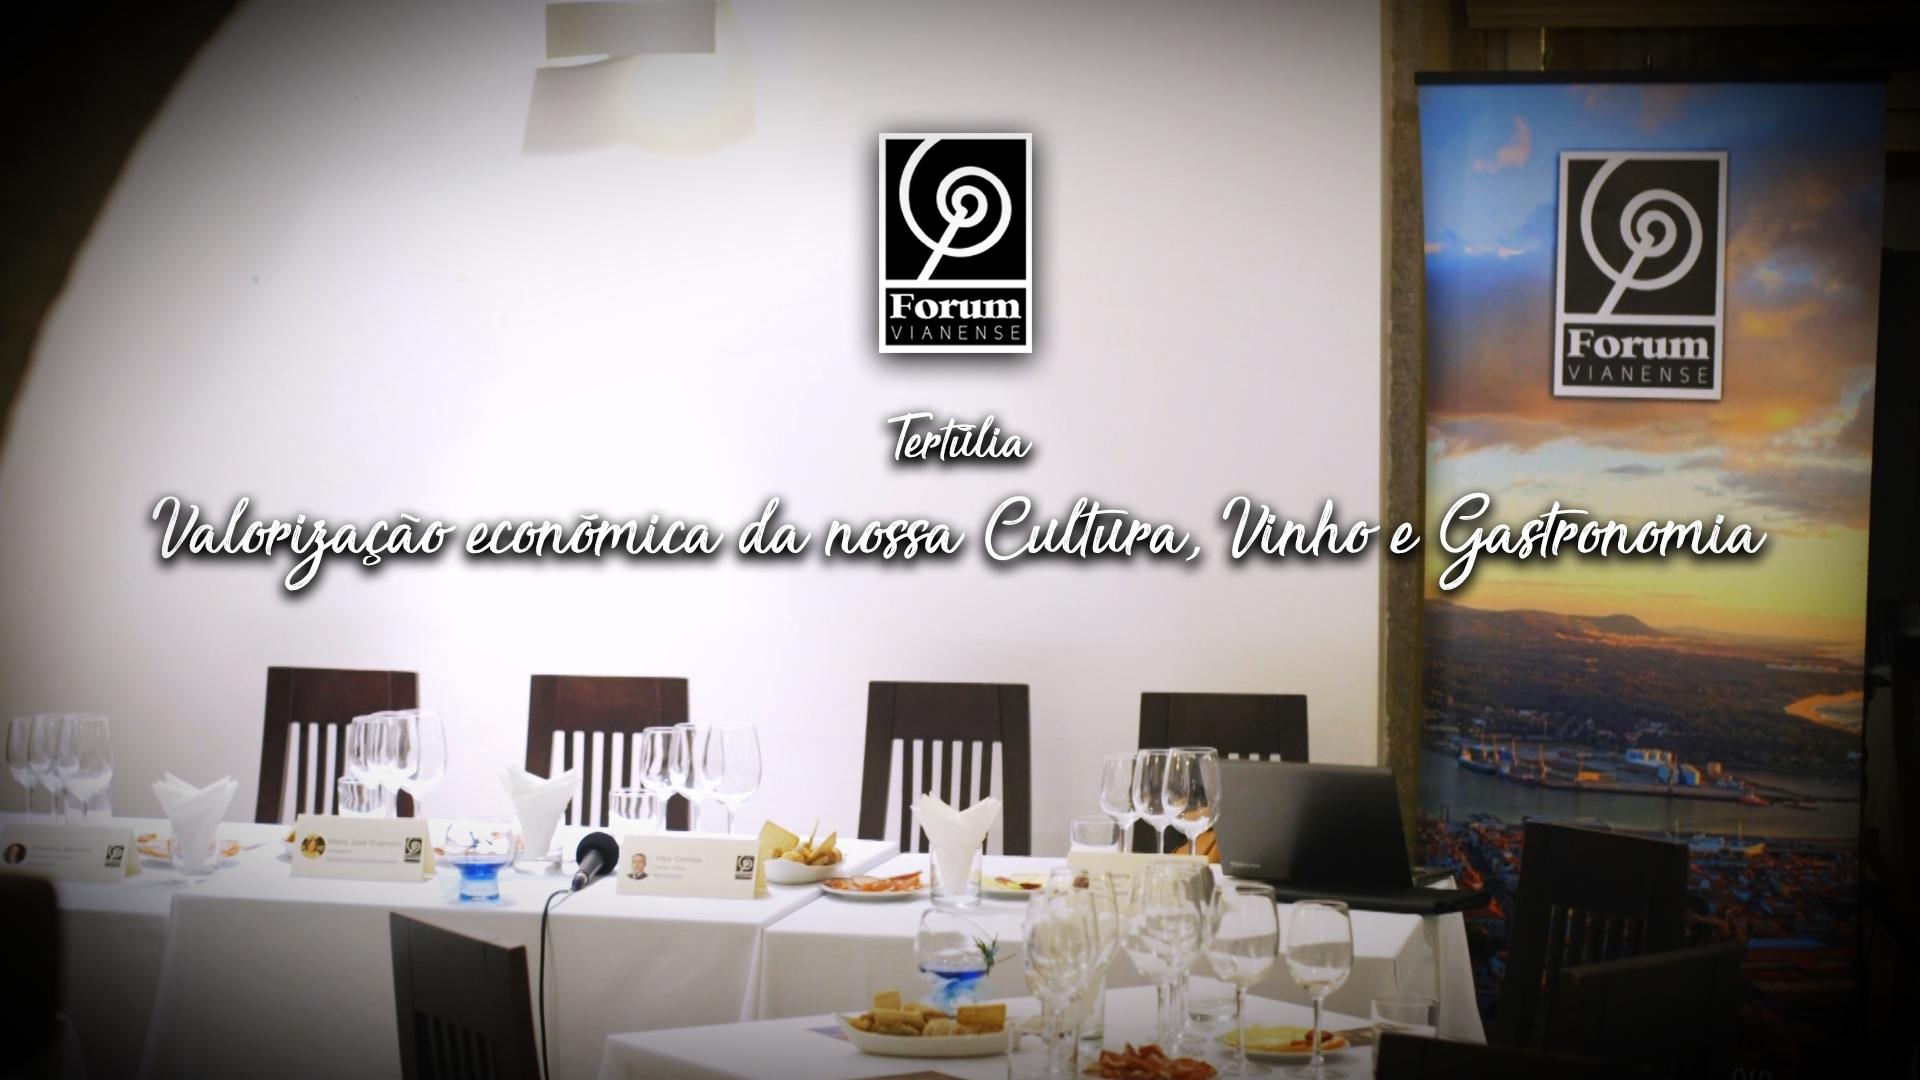 06_Thumbnail_Valorizacao_cultura_gastronomia.jpg